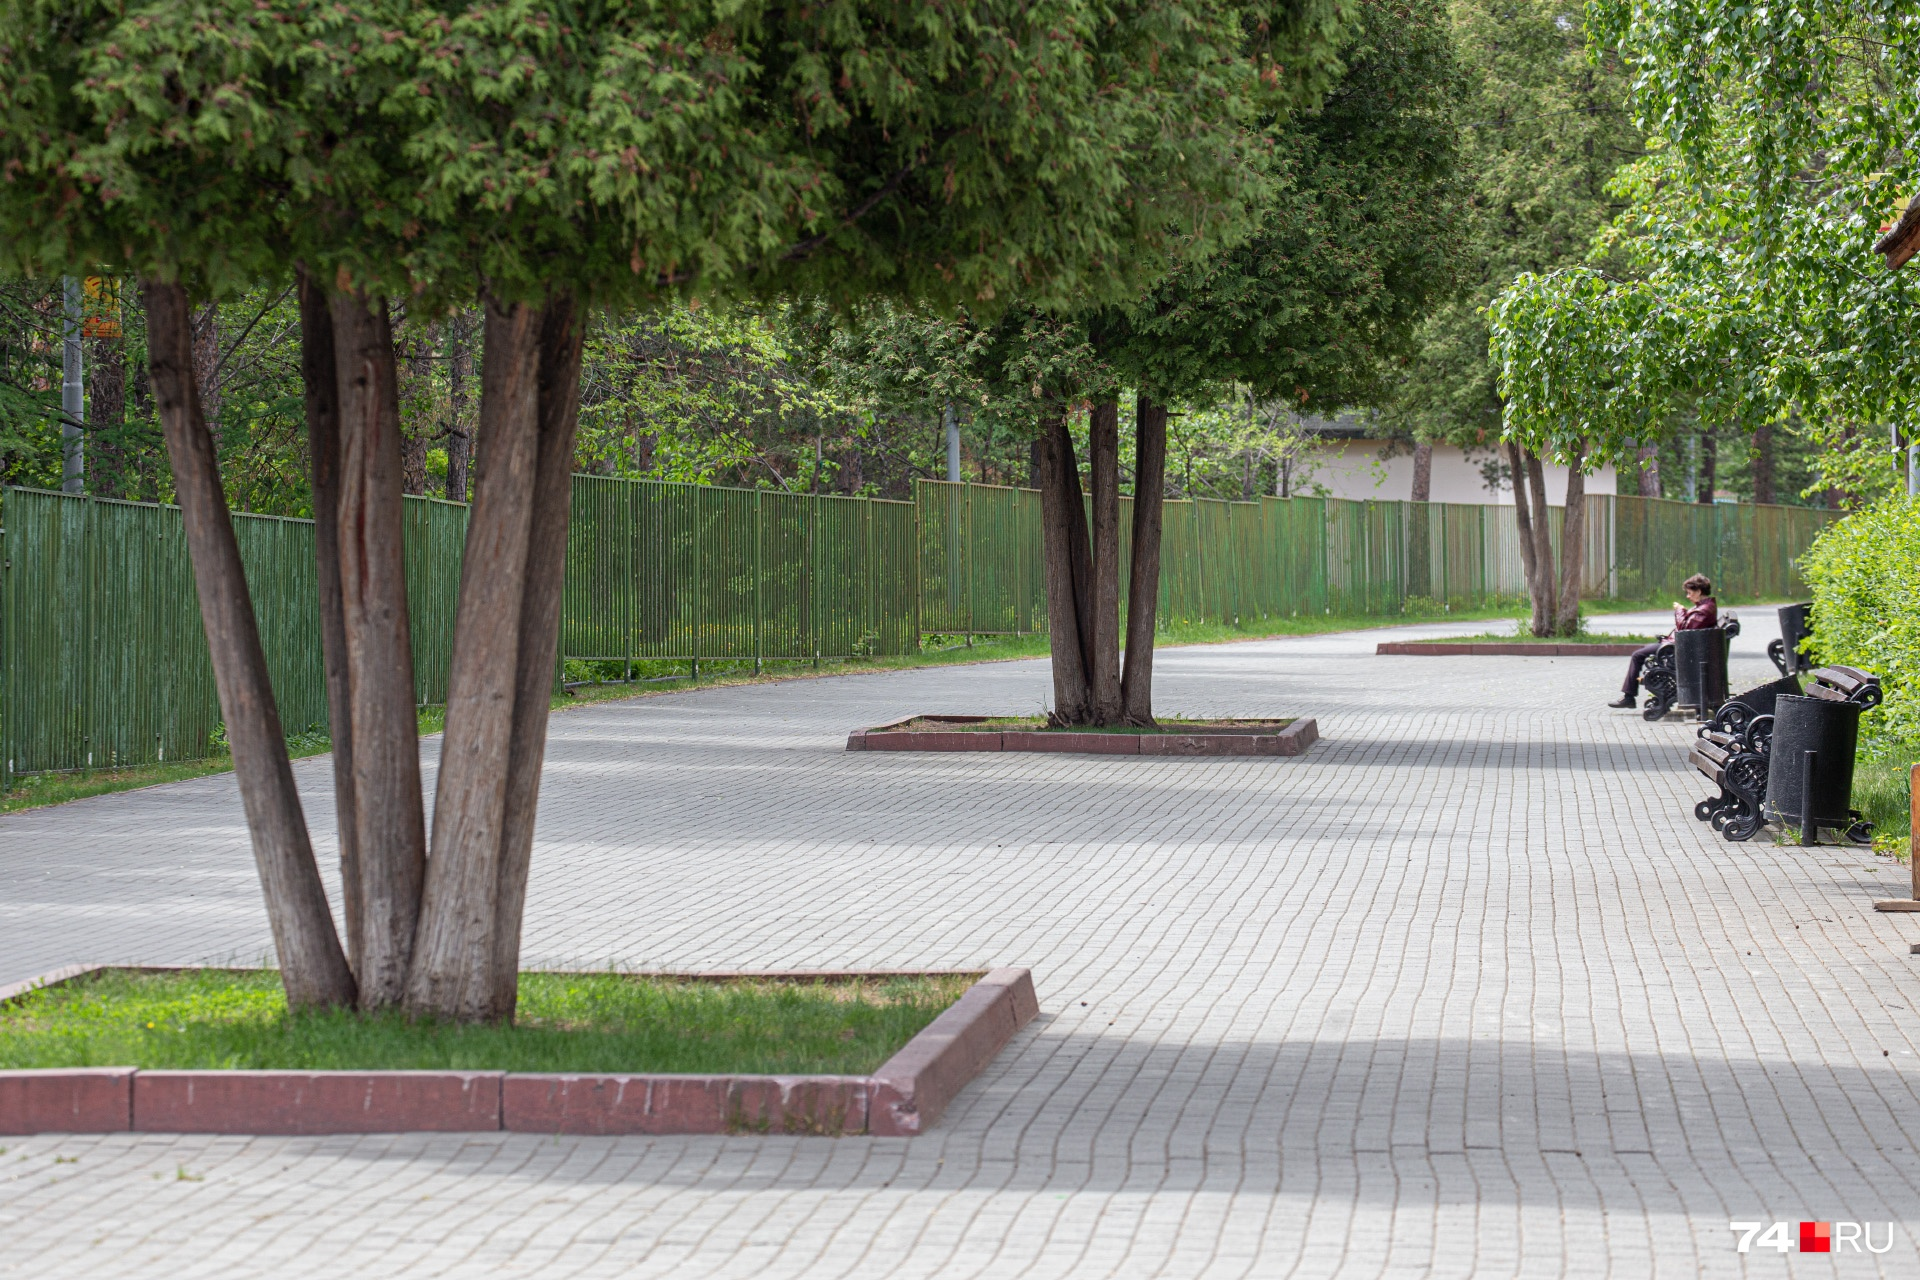 Челябинск уже полгода ждет концепции развития парков